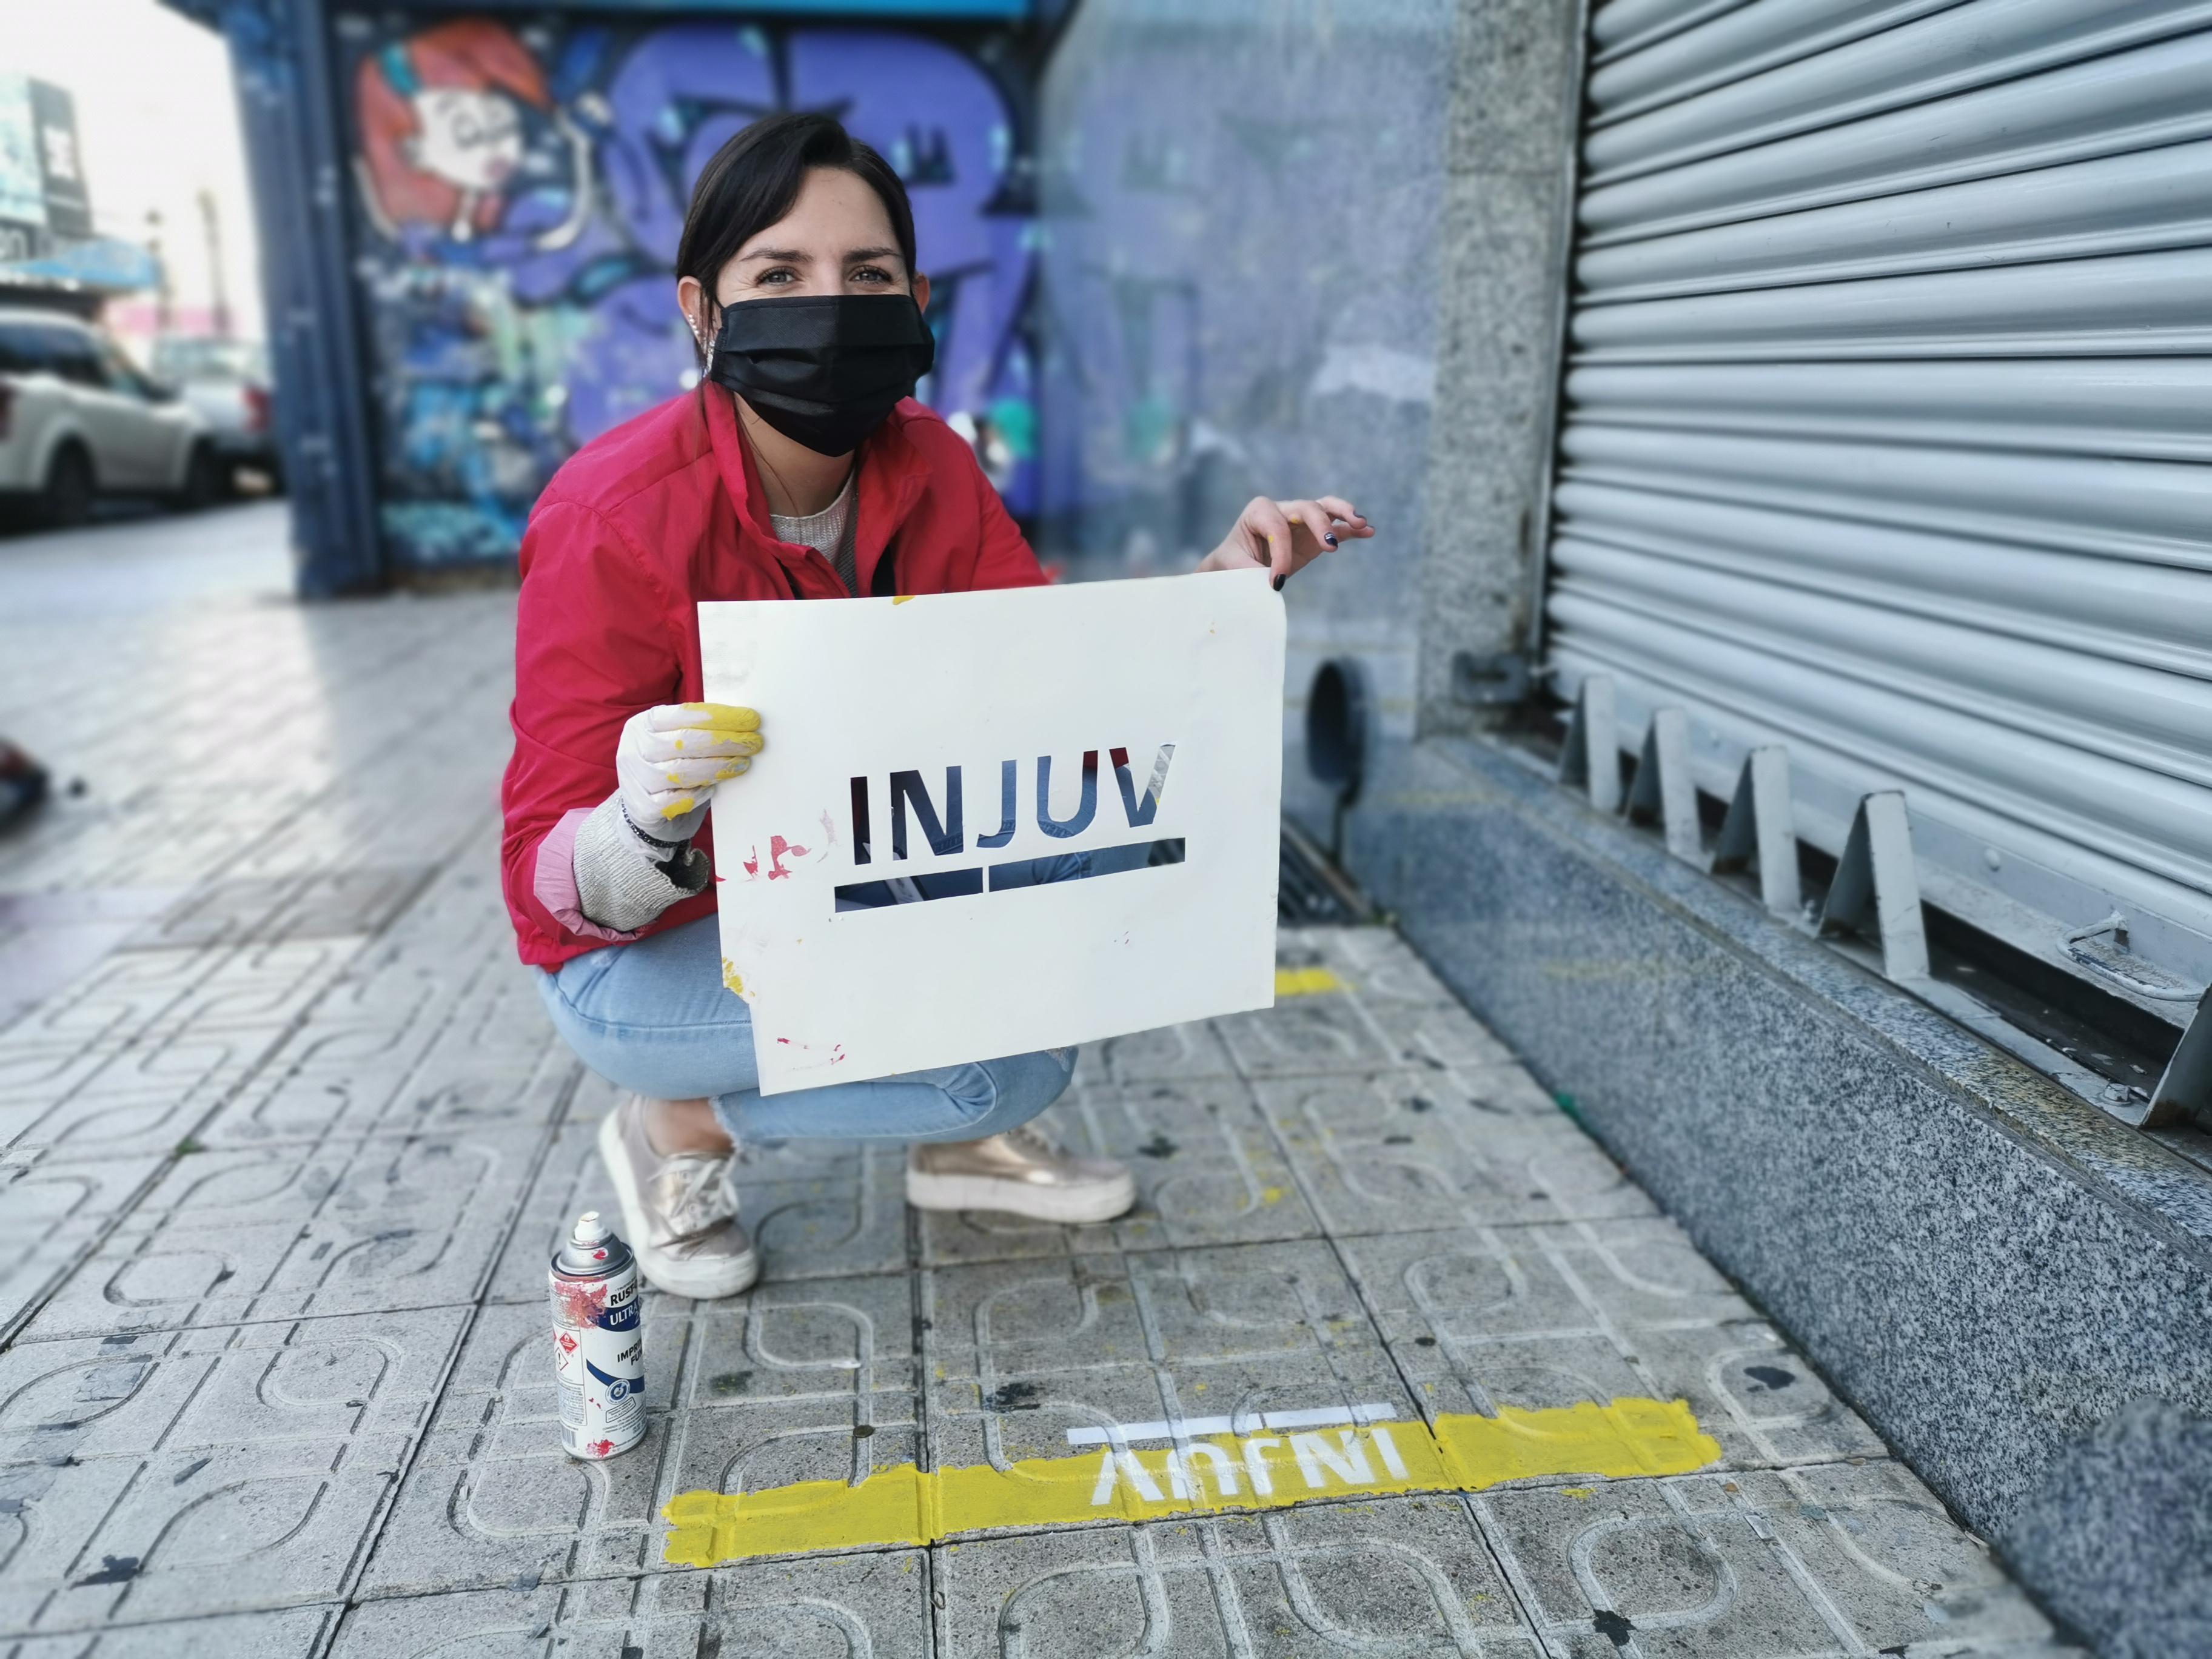 INJUV demarcó calles de la ciudad para evitar aglomeraciones y que la comunidad respete la distancia social